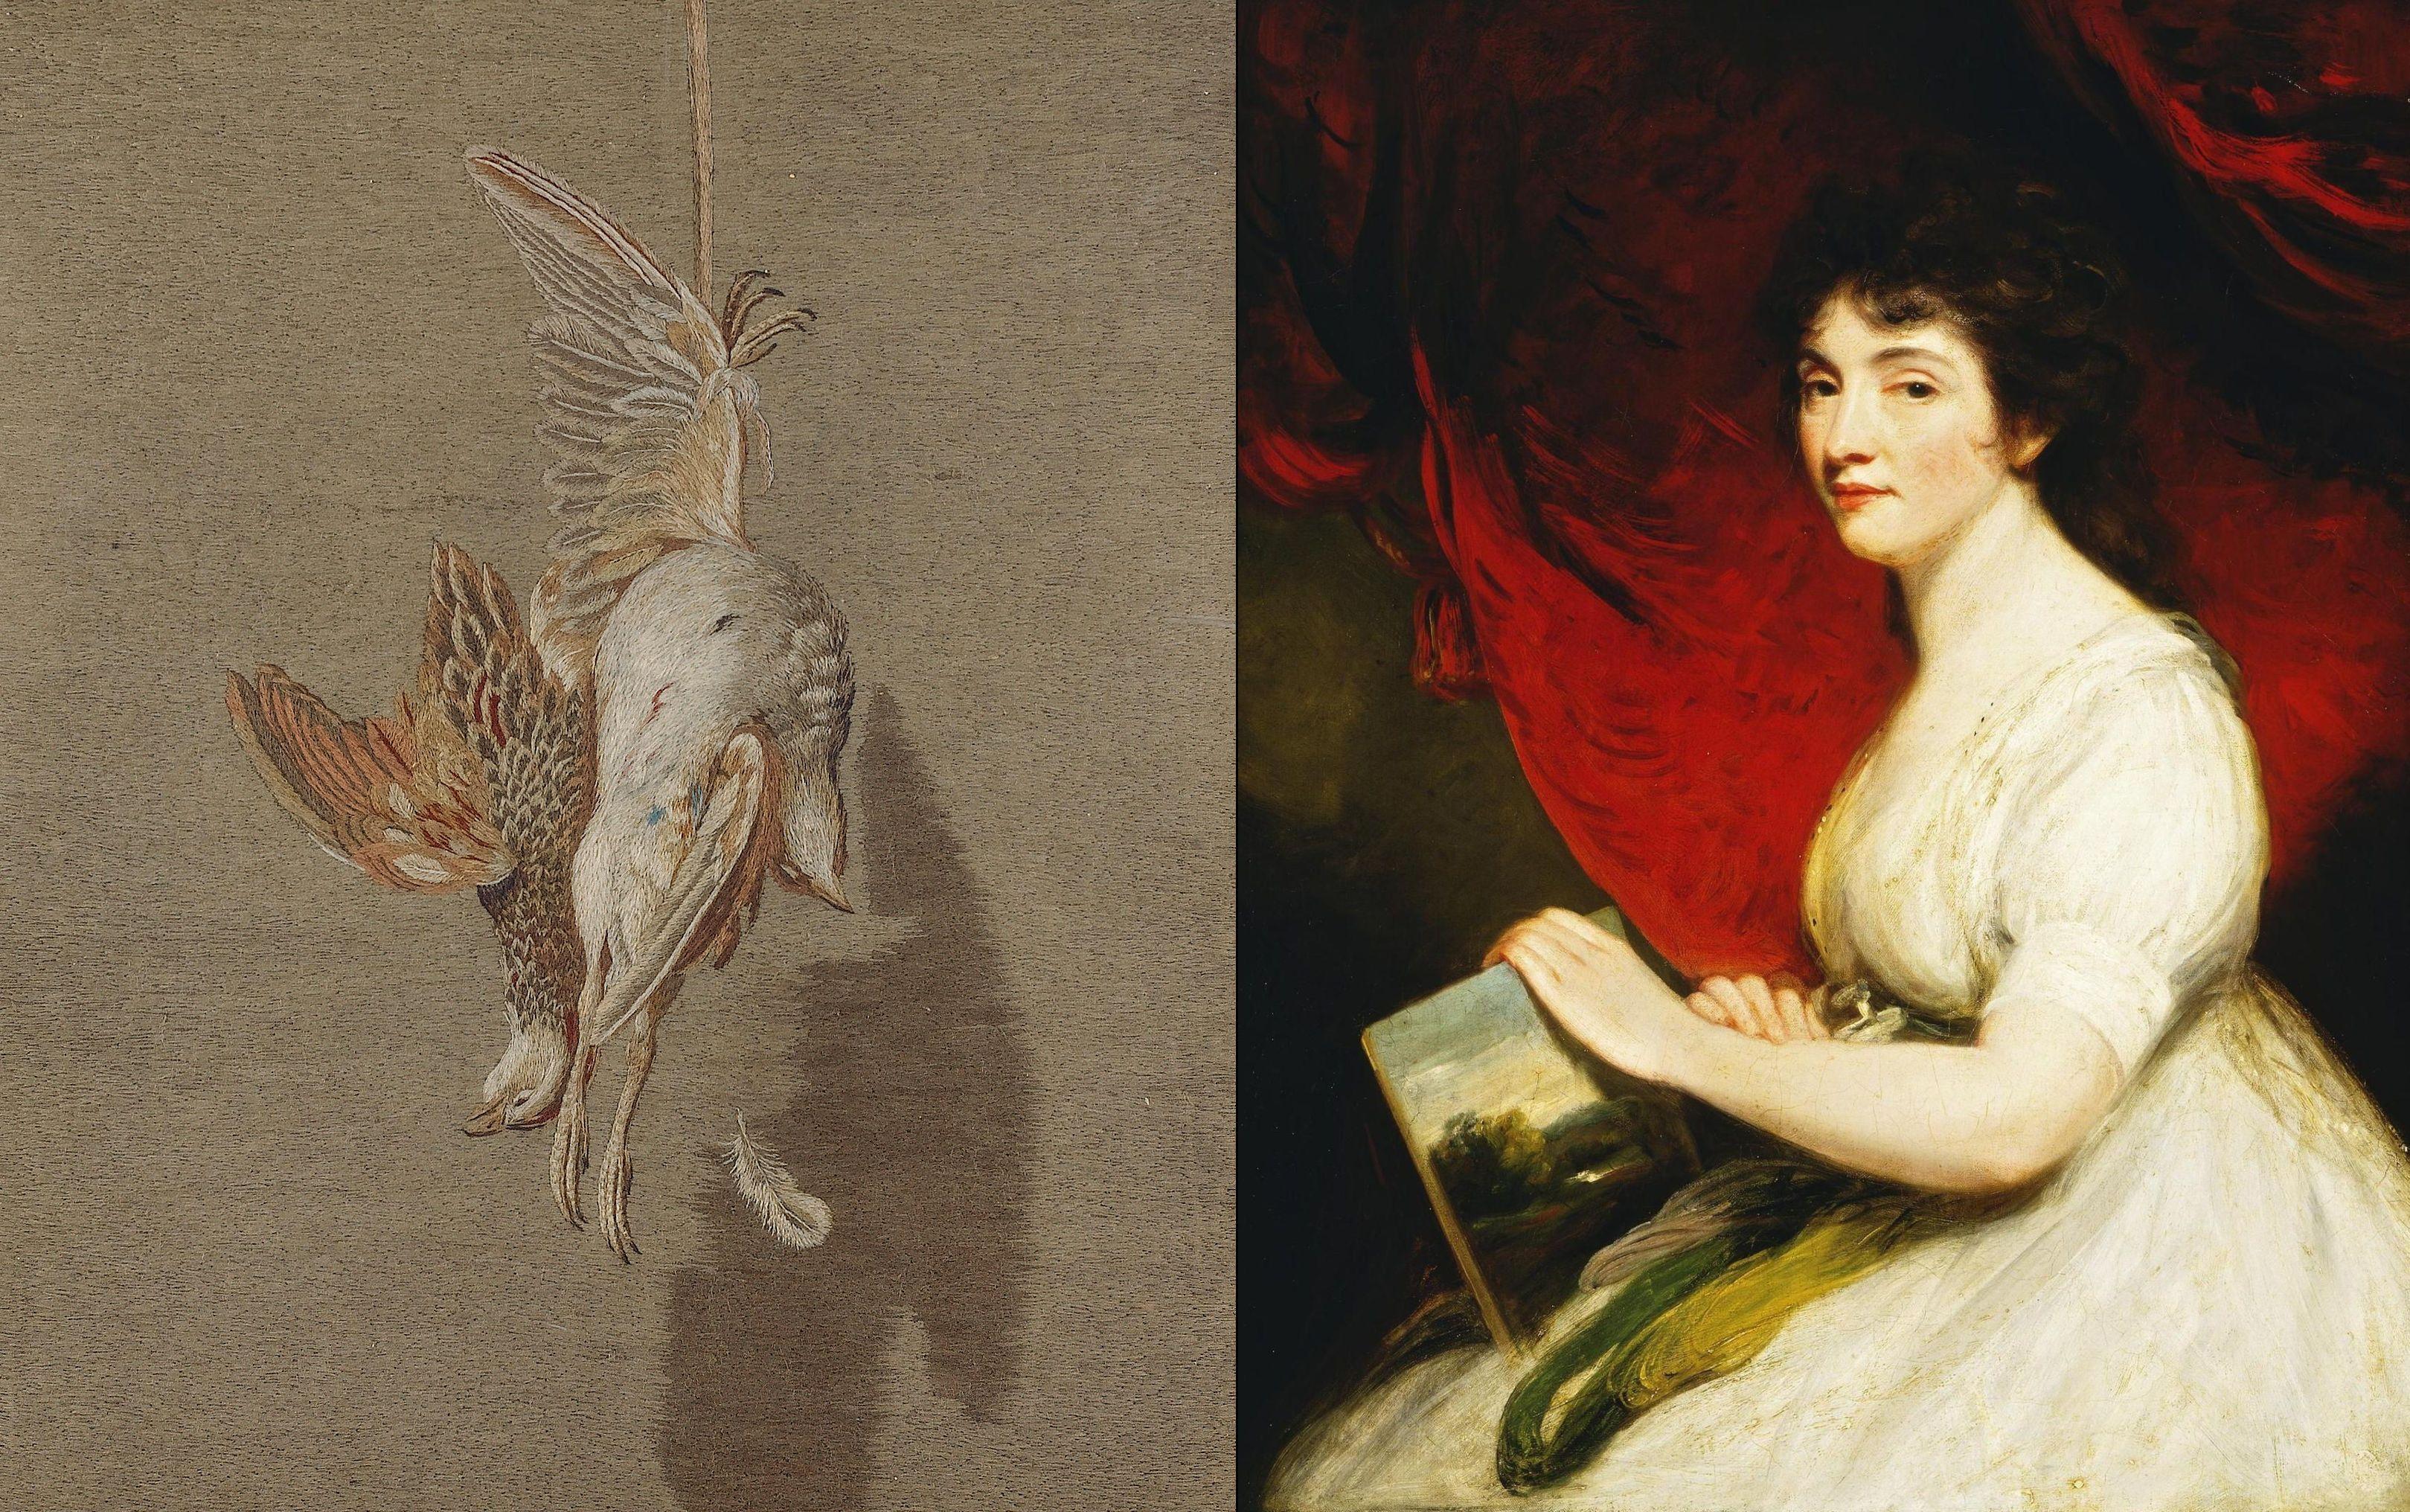 To Mary Linwood pokazała światu, że coś, czym kobiety zajmują się w domowym zaciszu, może być sztuką wysoką. Po lewej: jej haftowana wersja obrazu 'Wisząca kuropatwa' Mosesa Haughtona starszego , po prawej: sama artystka / Źródło: Wikimedia/domena publiczna